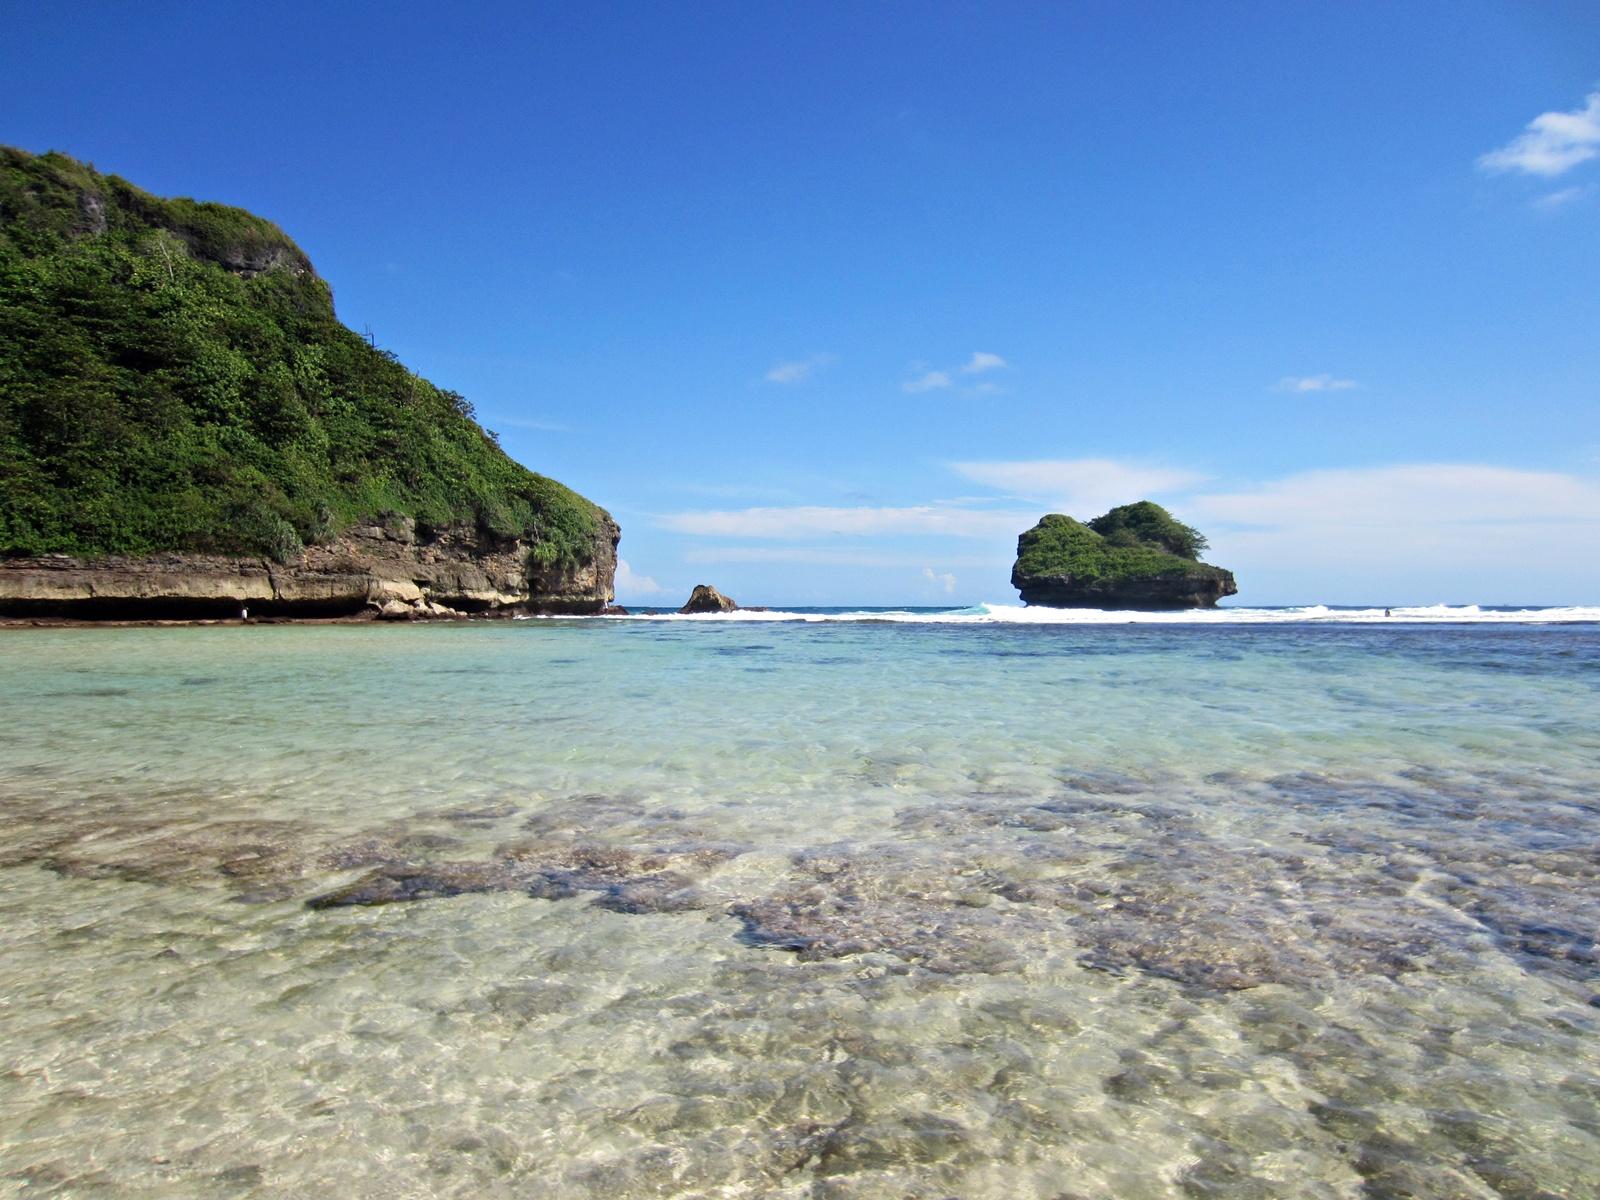 5 Pantai Malang Yang Wajib Kamu Kunjungi Saat Berlibur Ke sini, Indah dan Eksotis 6